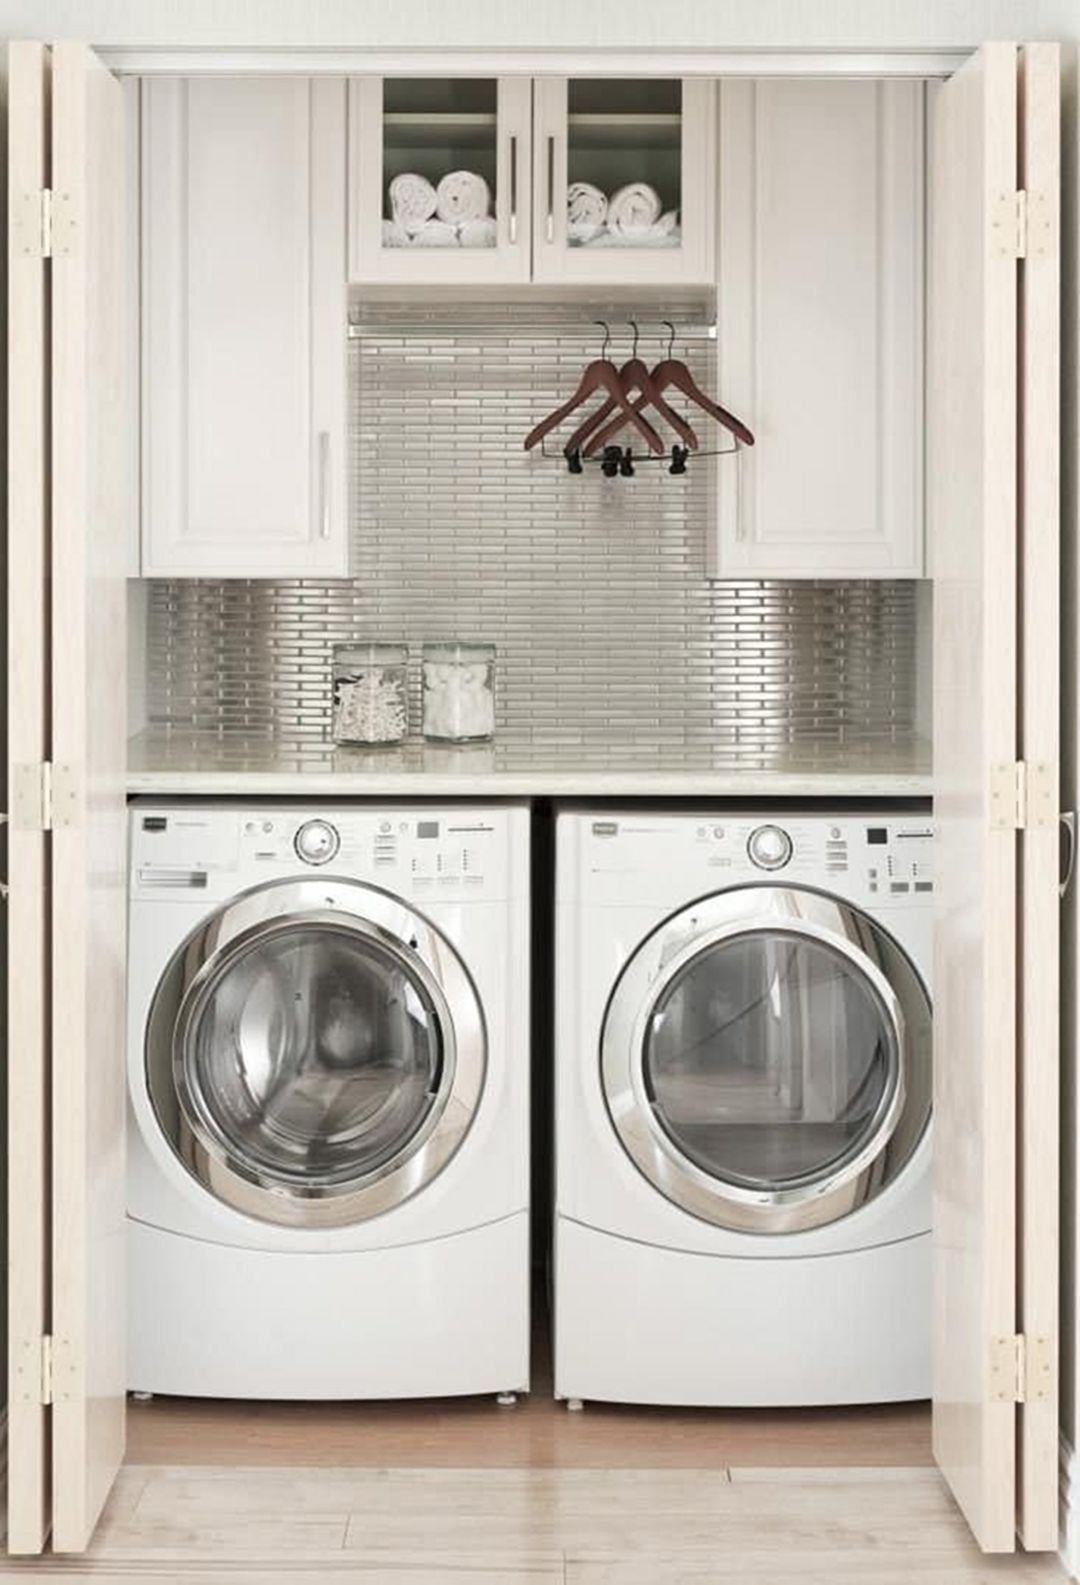 15 Laundry Closet Organization Ideas 1000 In 2020 Laundry Room Storage Small Laundry Rooms Laundry Room Makeover